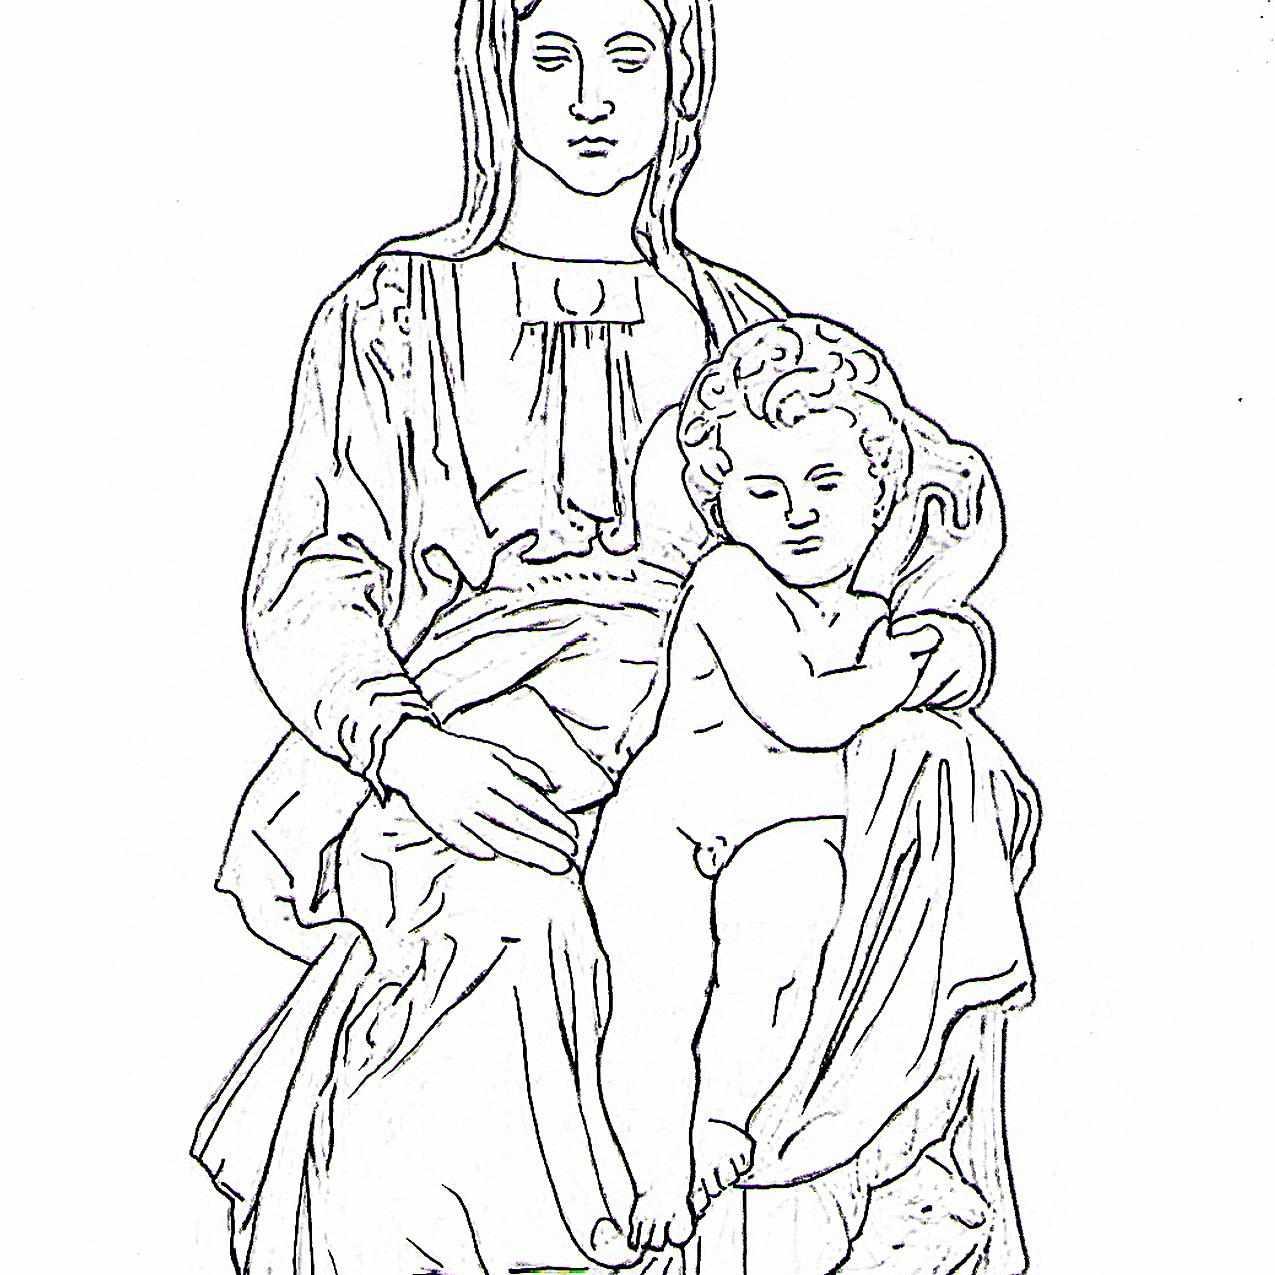 Dibujo de la Virgen de Brujas de Miguel Ángel